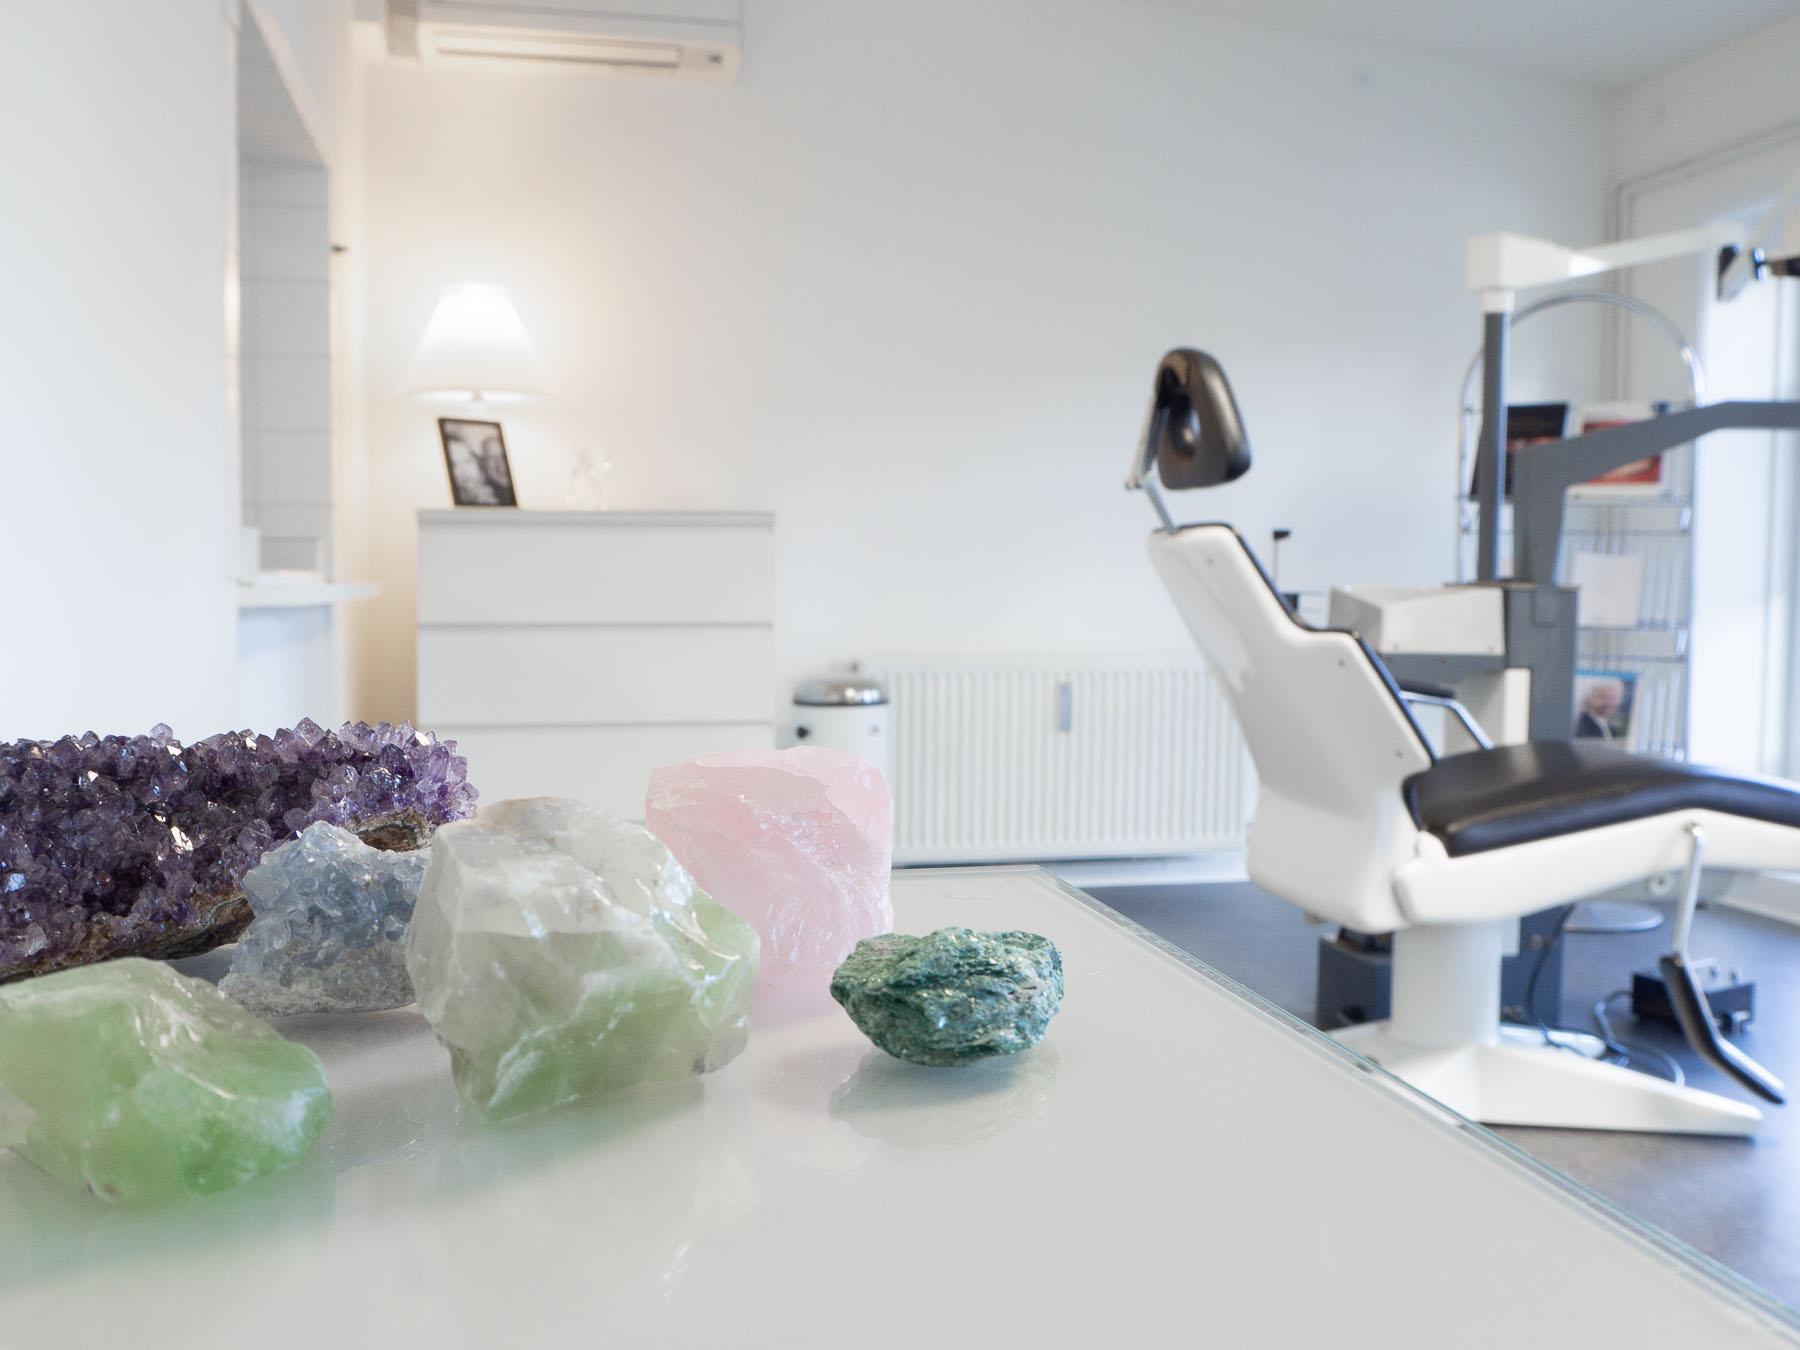 tilvænning af tandprotese